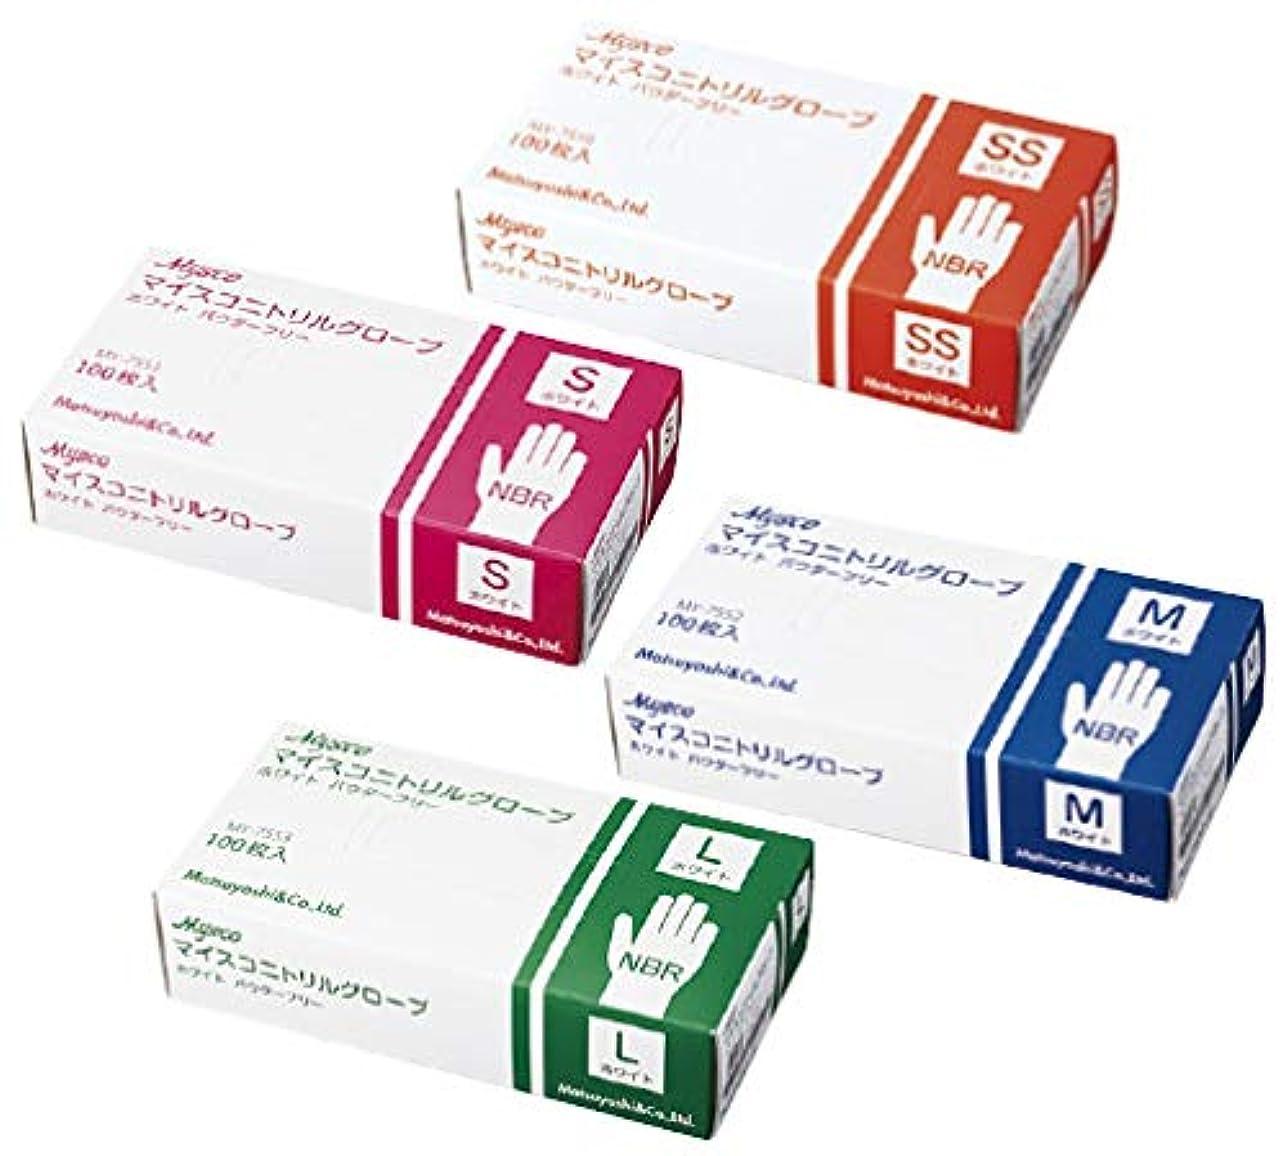 法廷グレートバリアリーフ抽選マイスコ ニトリルグローブ ホワイト 粉なし M 100枚入り 3箱